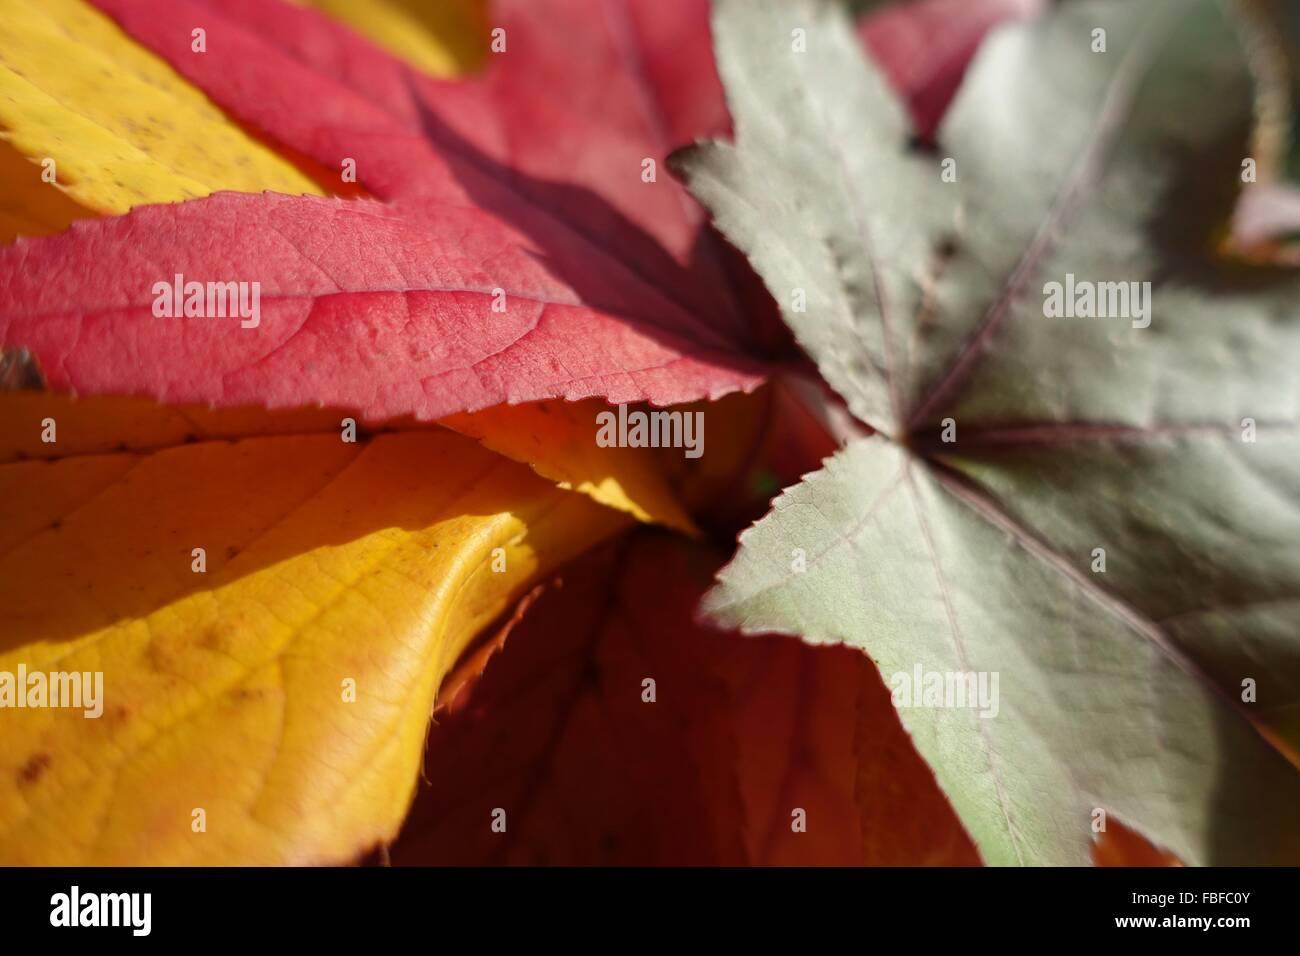 Plan de feuilles tombées au cours de l'automne Photo Stock